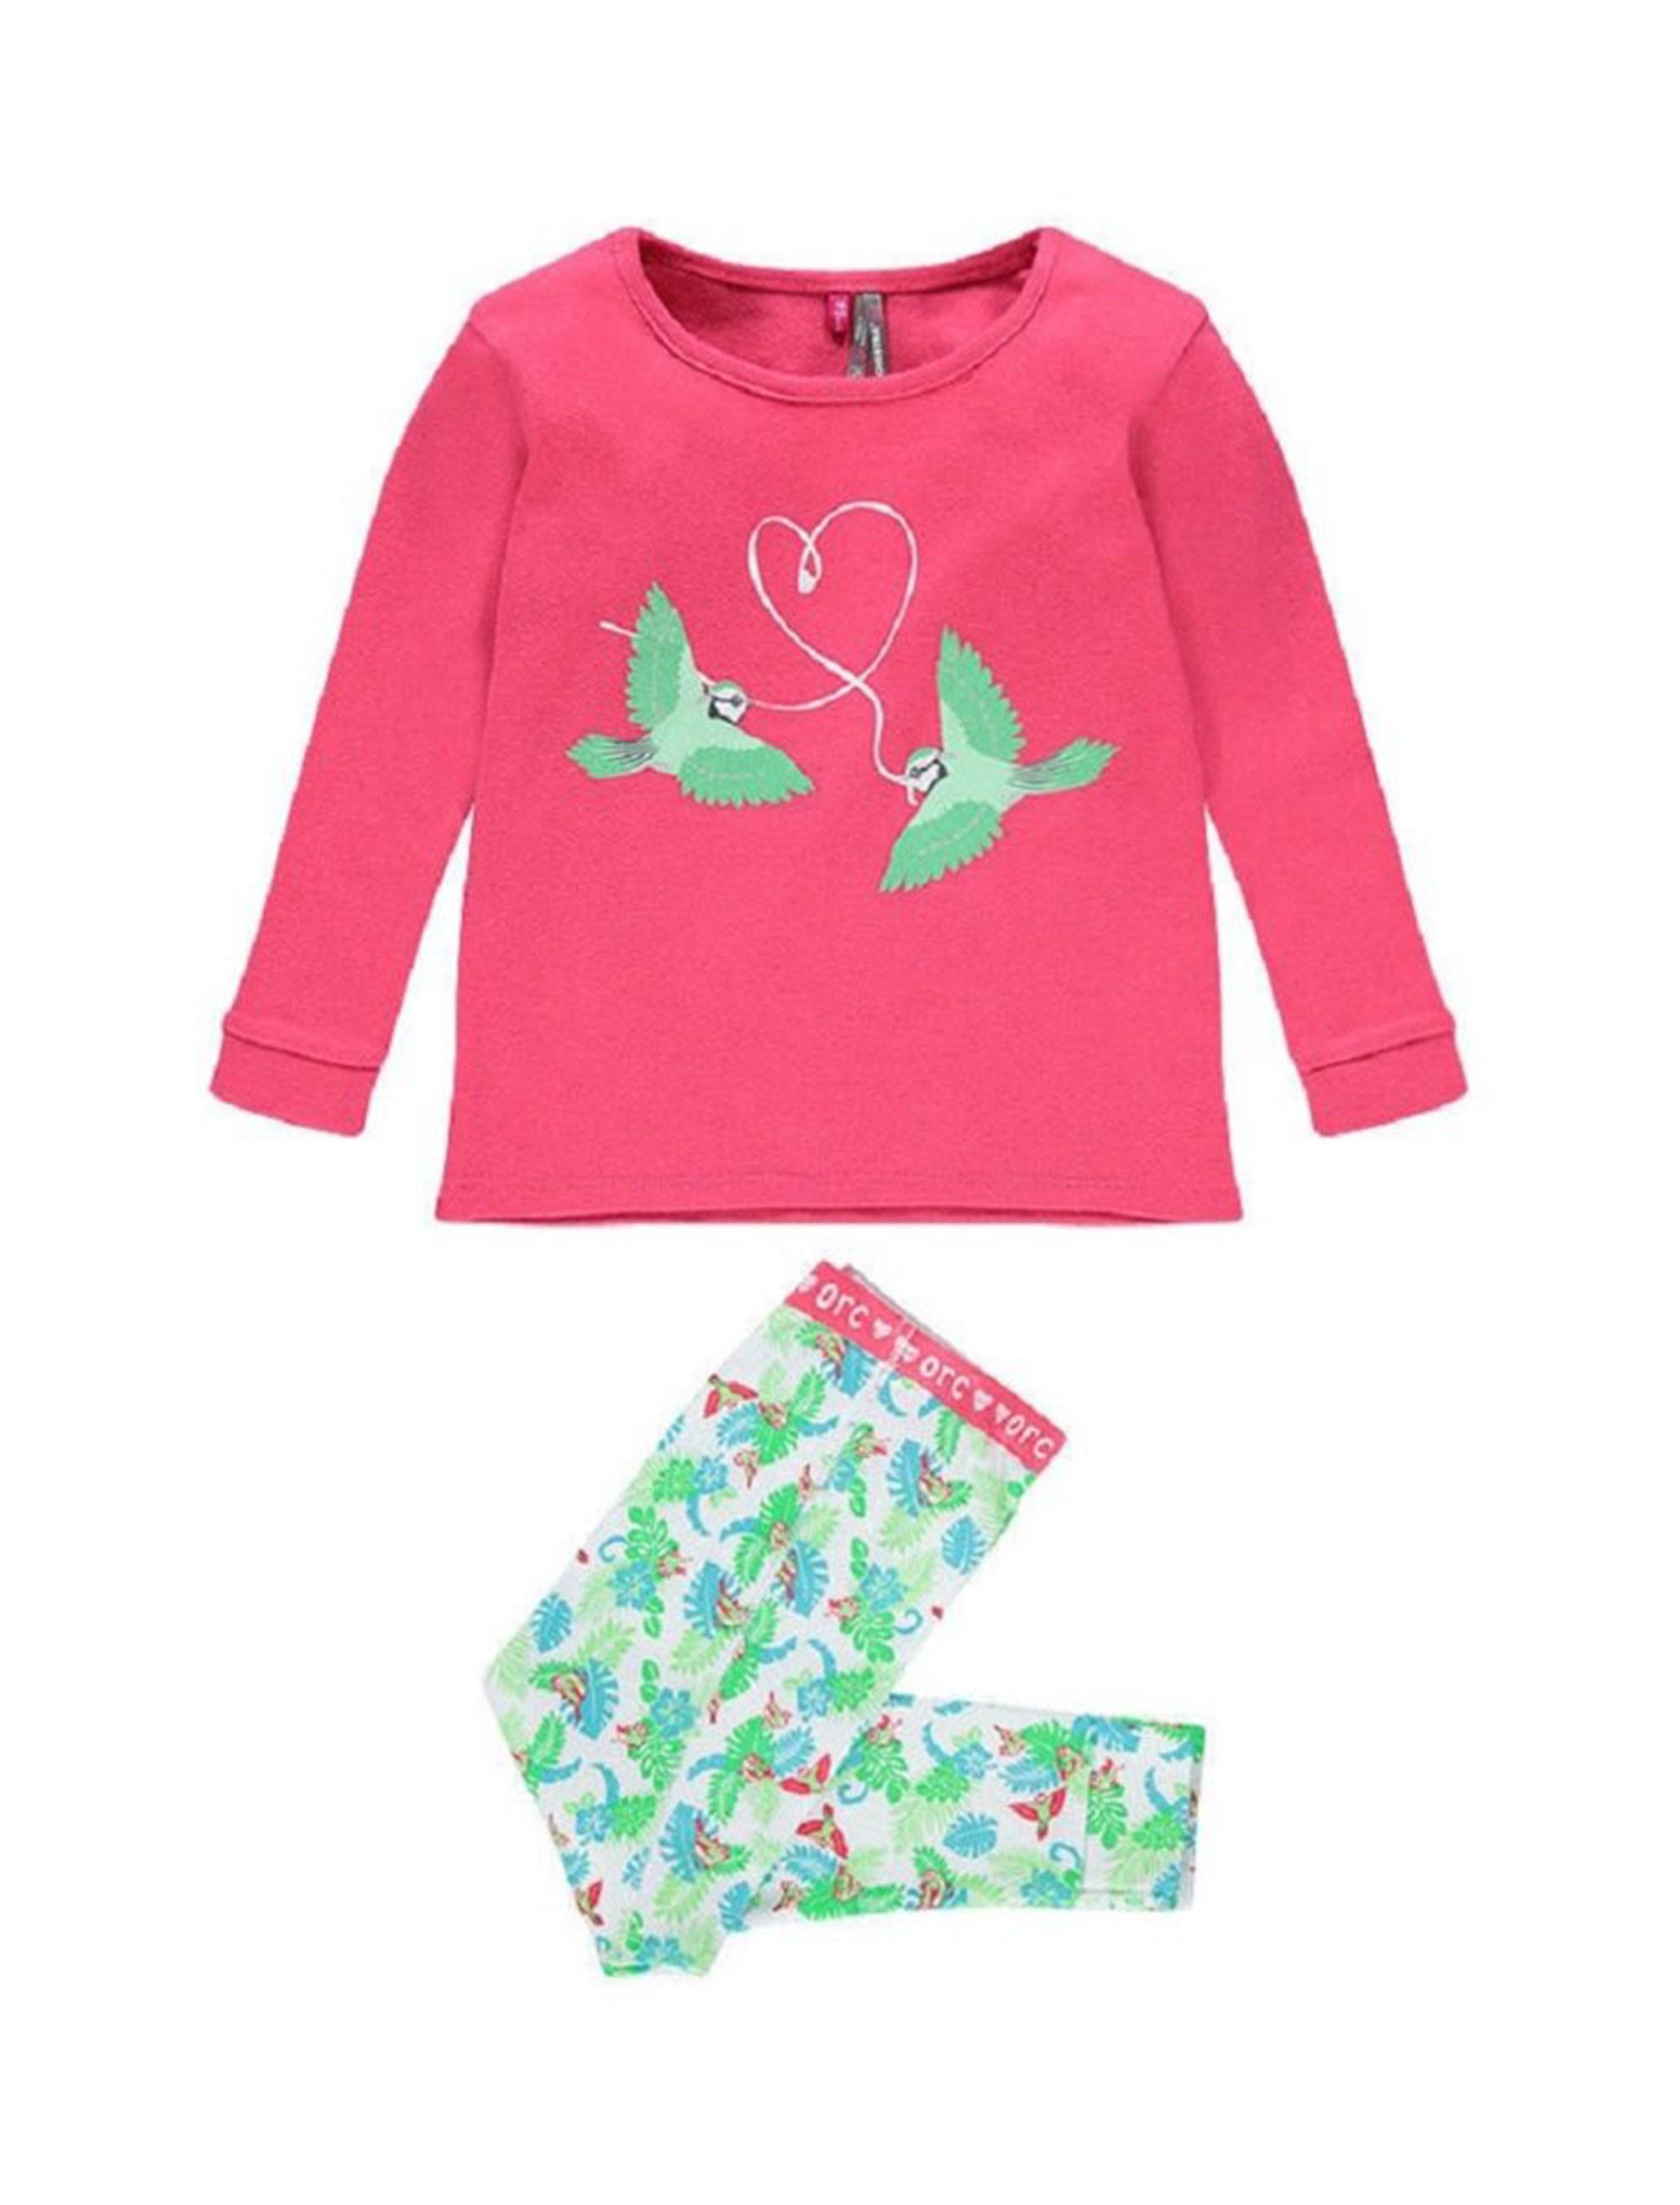 تی شرت و شلوار راحتی نخی نوزادی دخترانه - ارکسترا - چند رنگ - 1